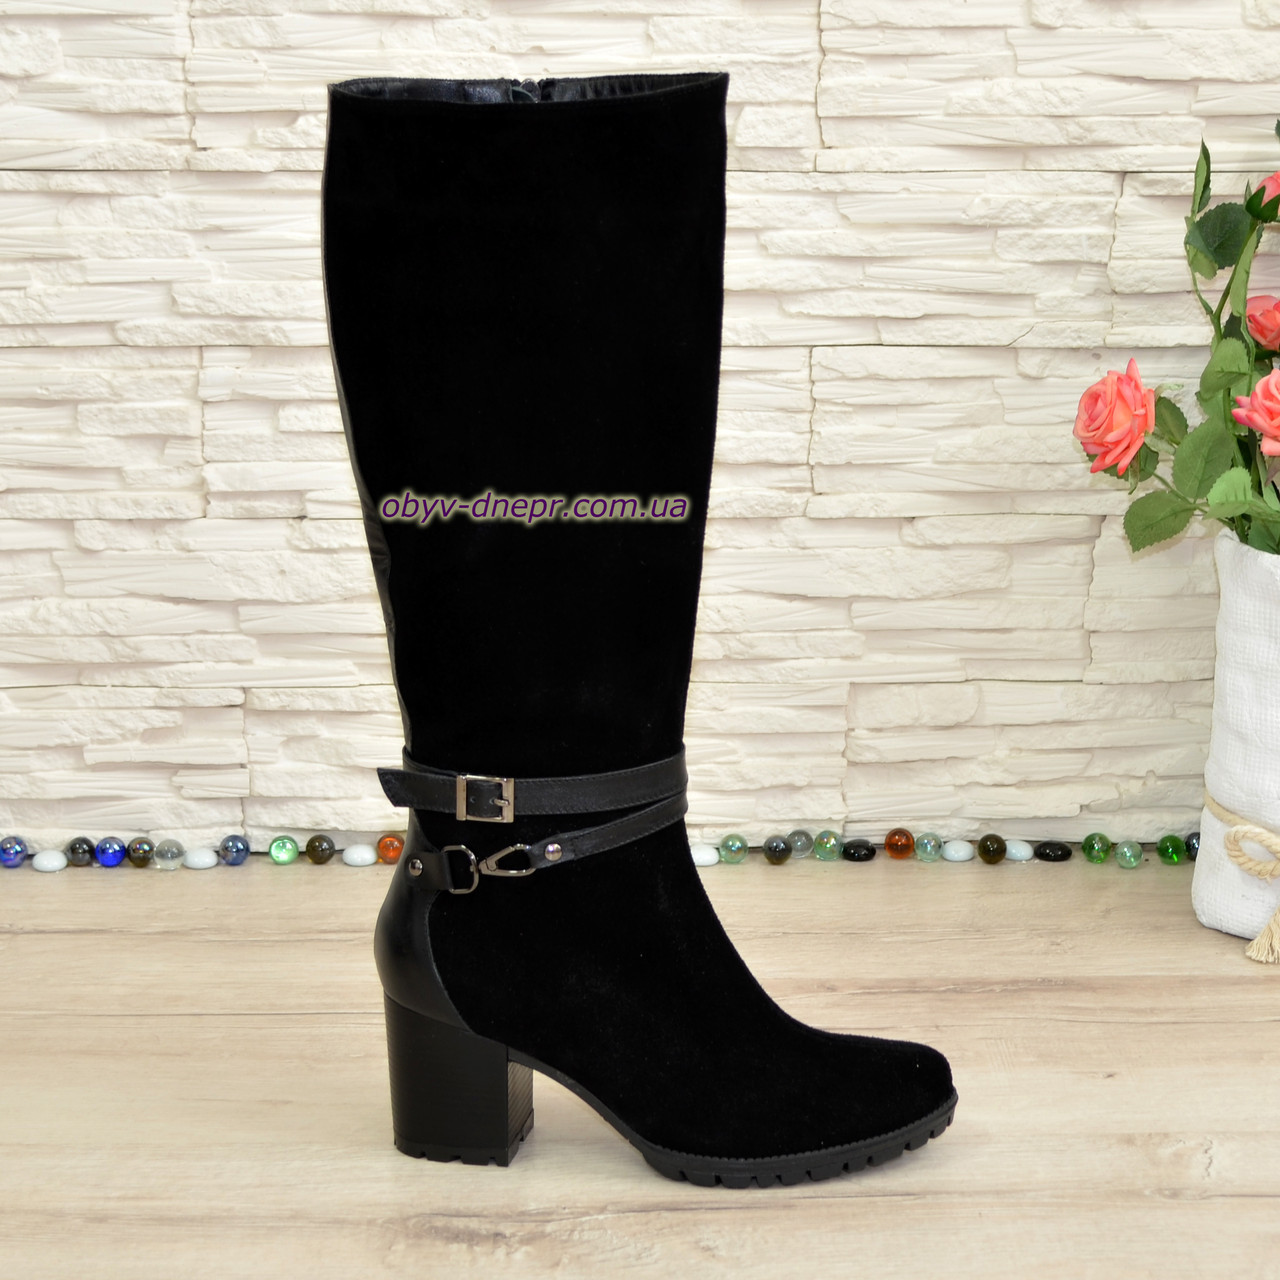 Сапоги черные   замшевые женские на устойчивом каблуке, декорированы ремешками.